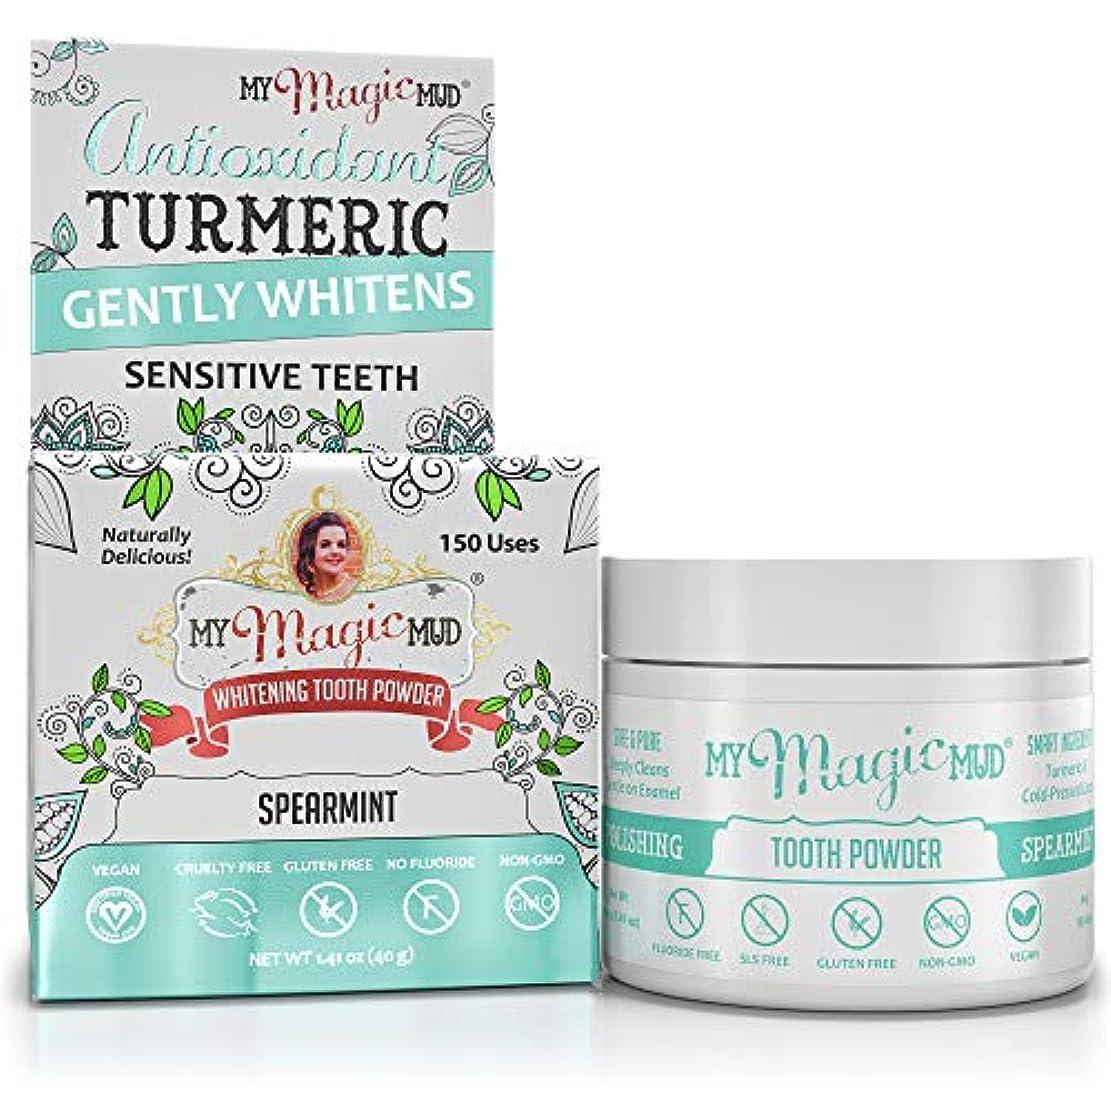 アジア人なのでインセンティブMy Magic Mud Turmeric Whitening Tooth Powder - Spearmint 40g/1.41oz並行輸入品